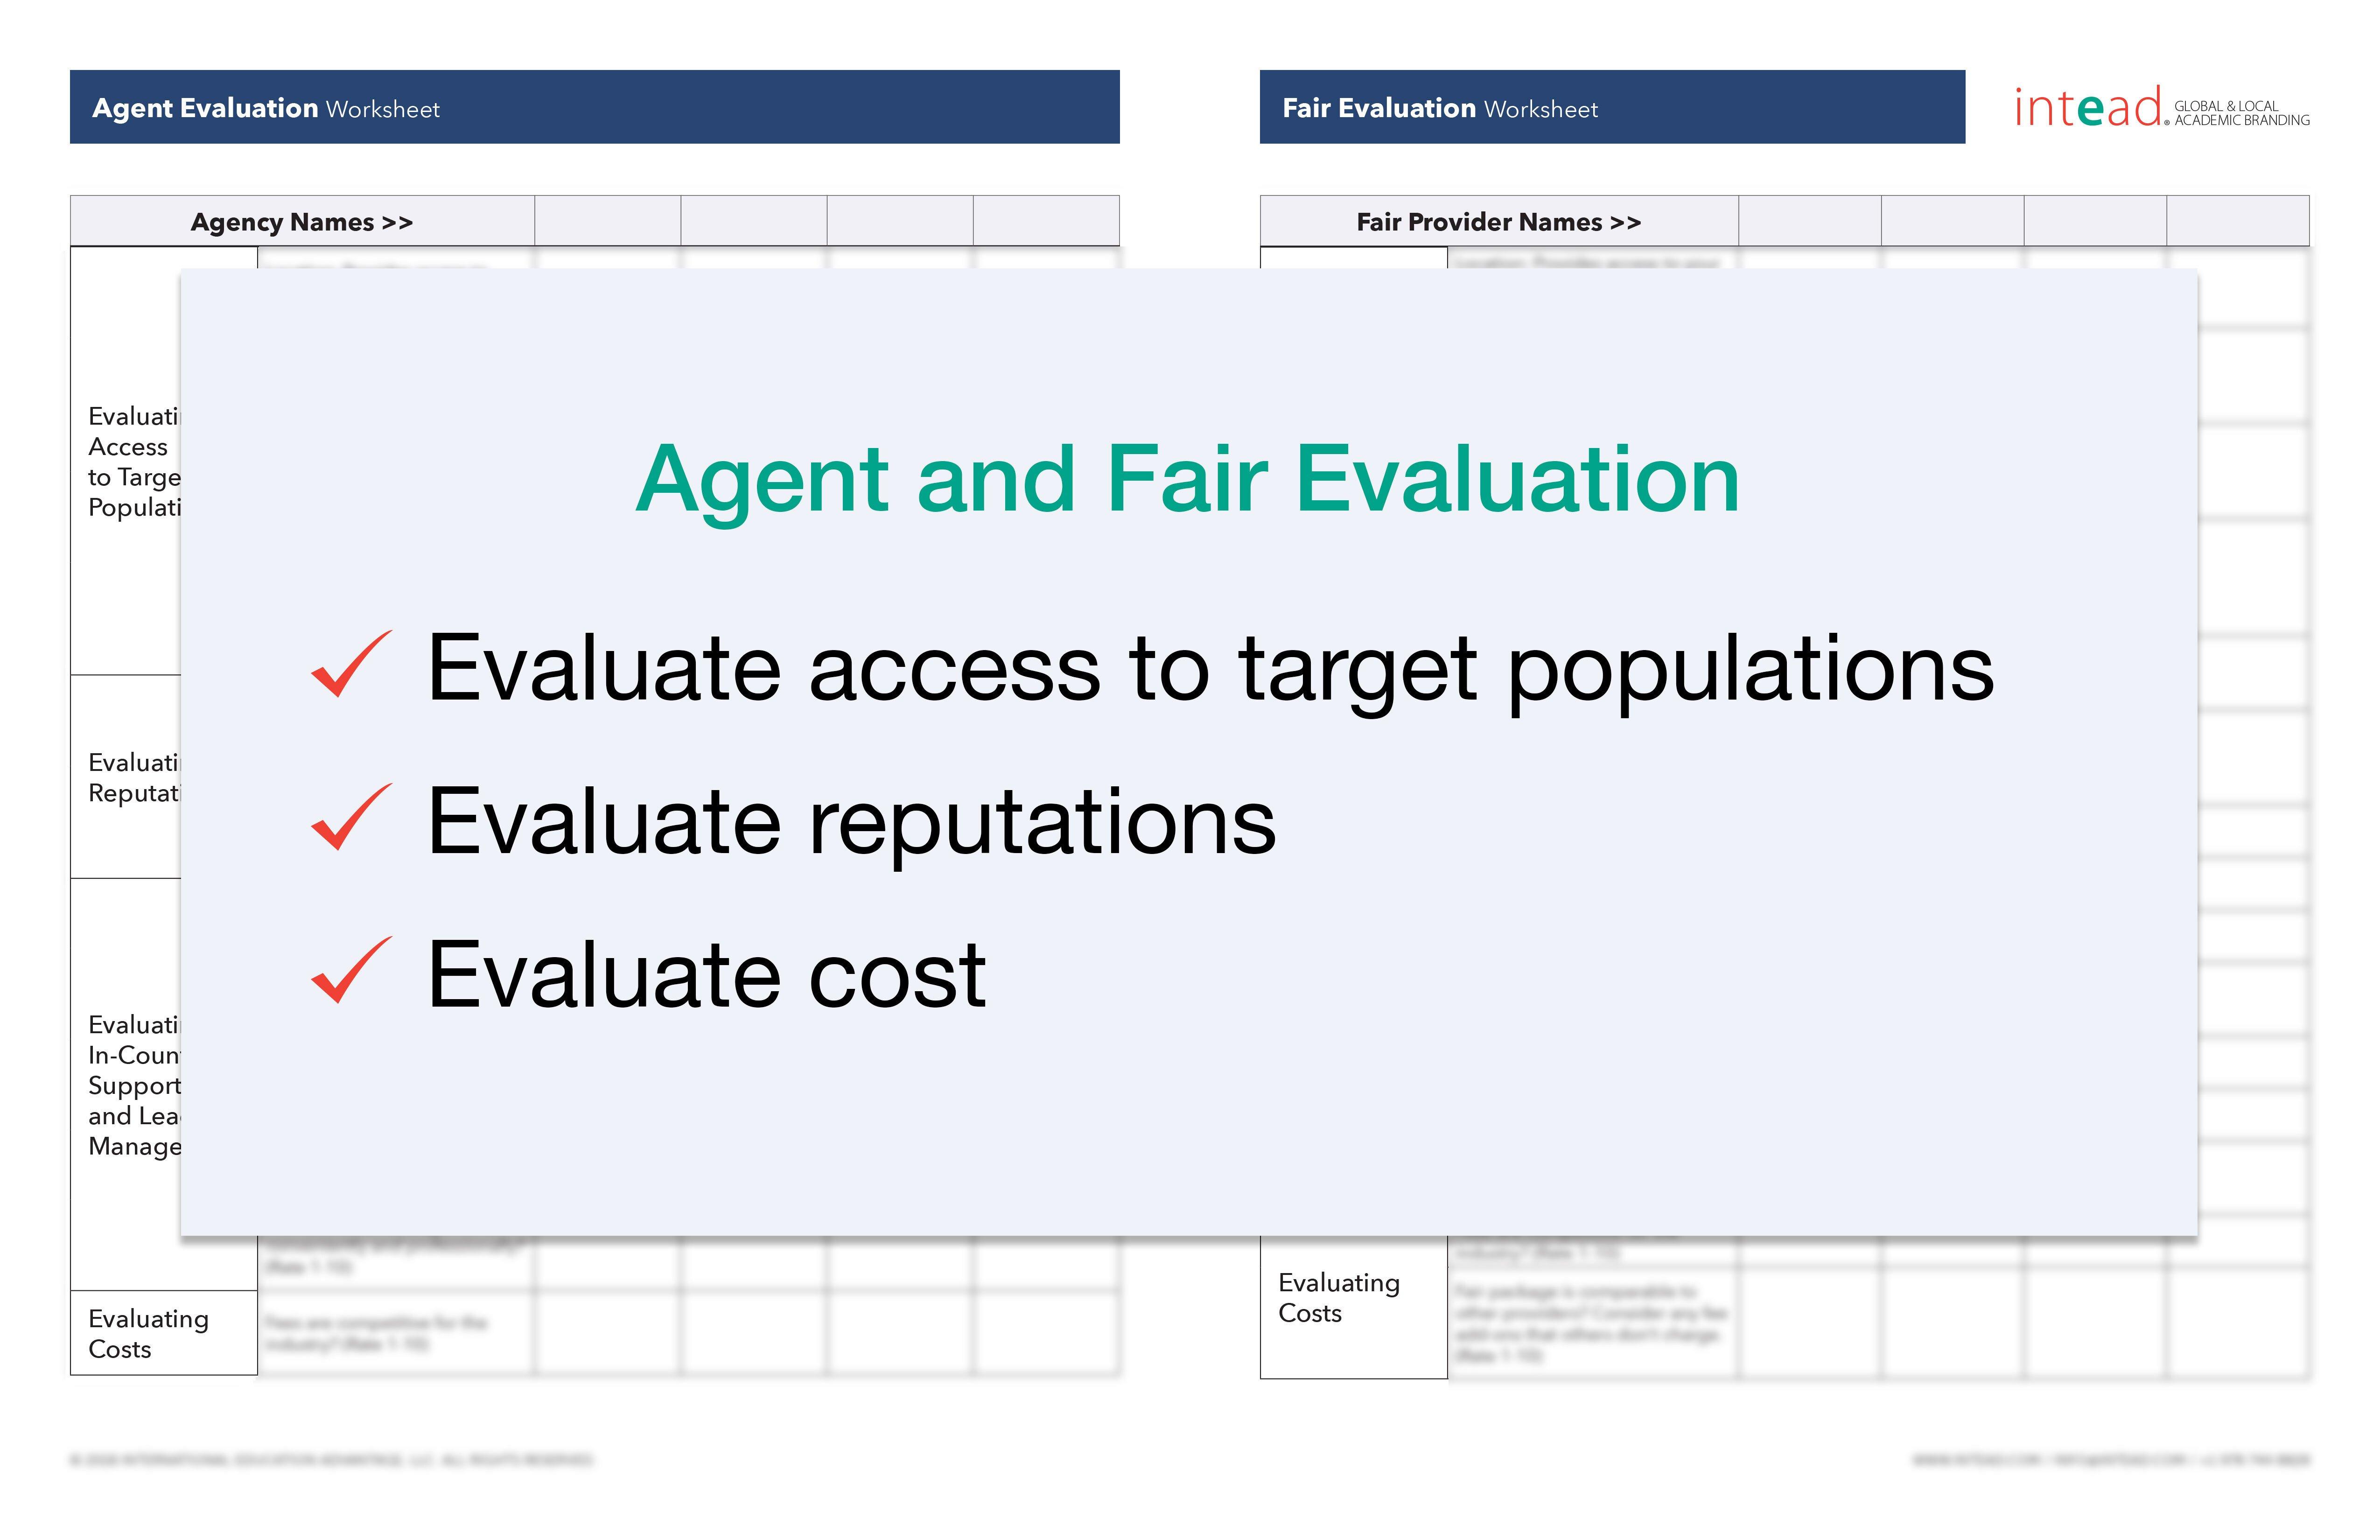 Agent Evaluation Worksheet